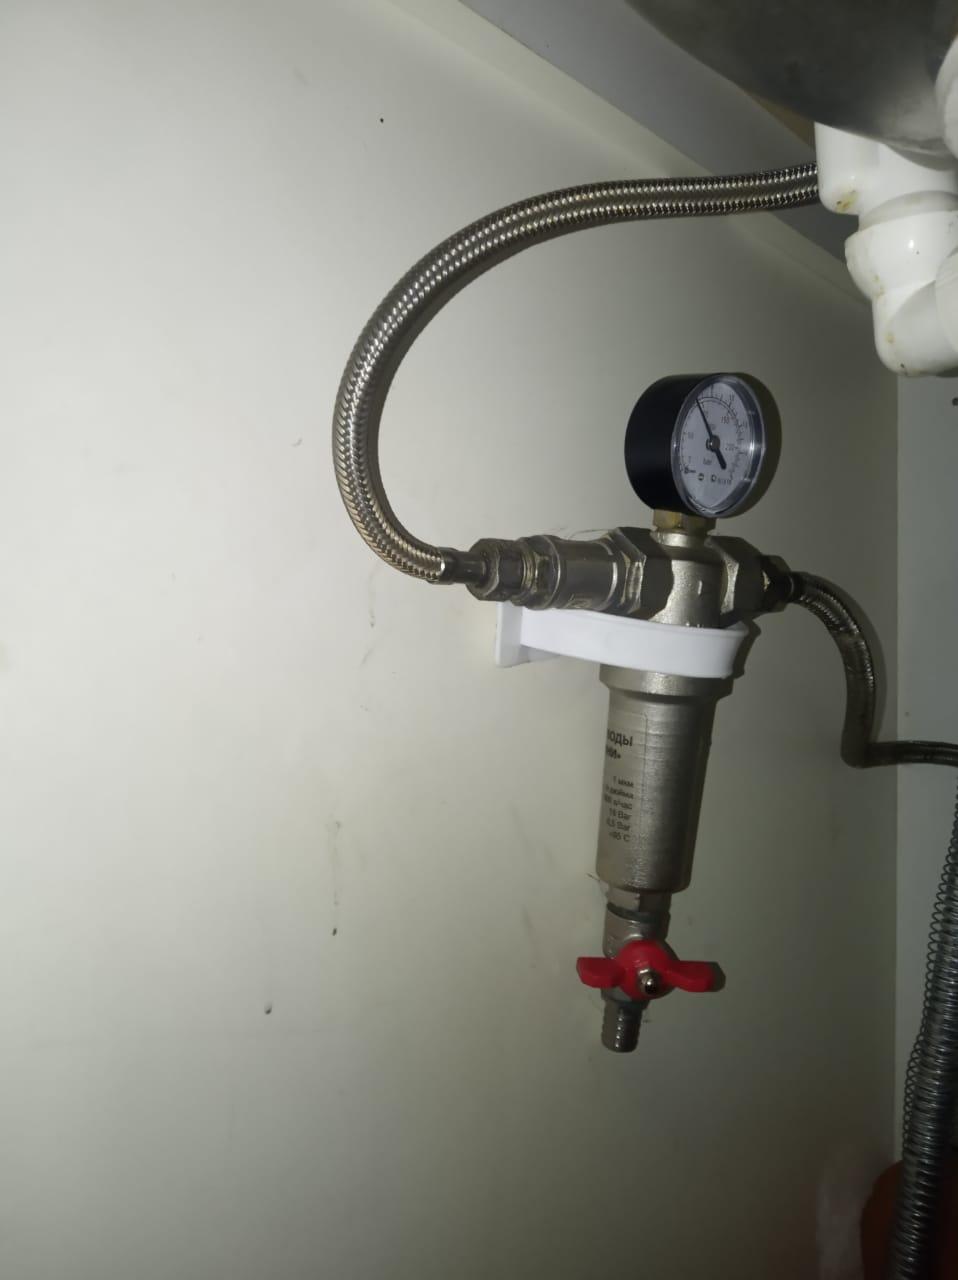 Фибос фильтр для воды - В целом фильтром остались довольны